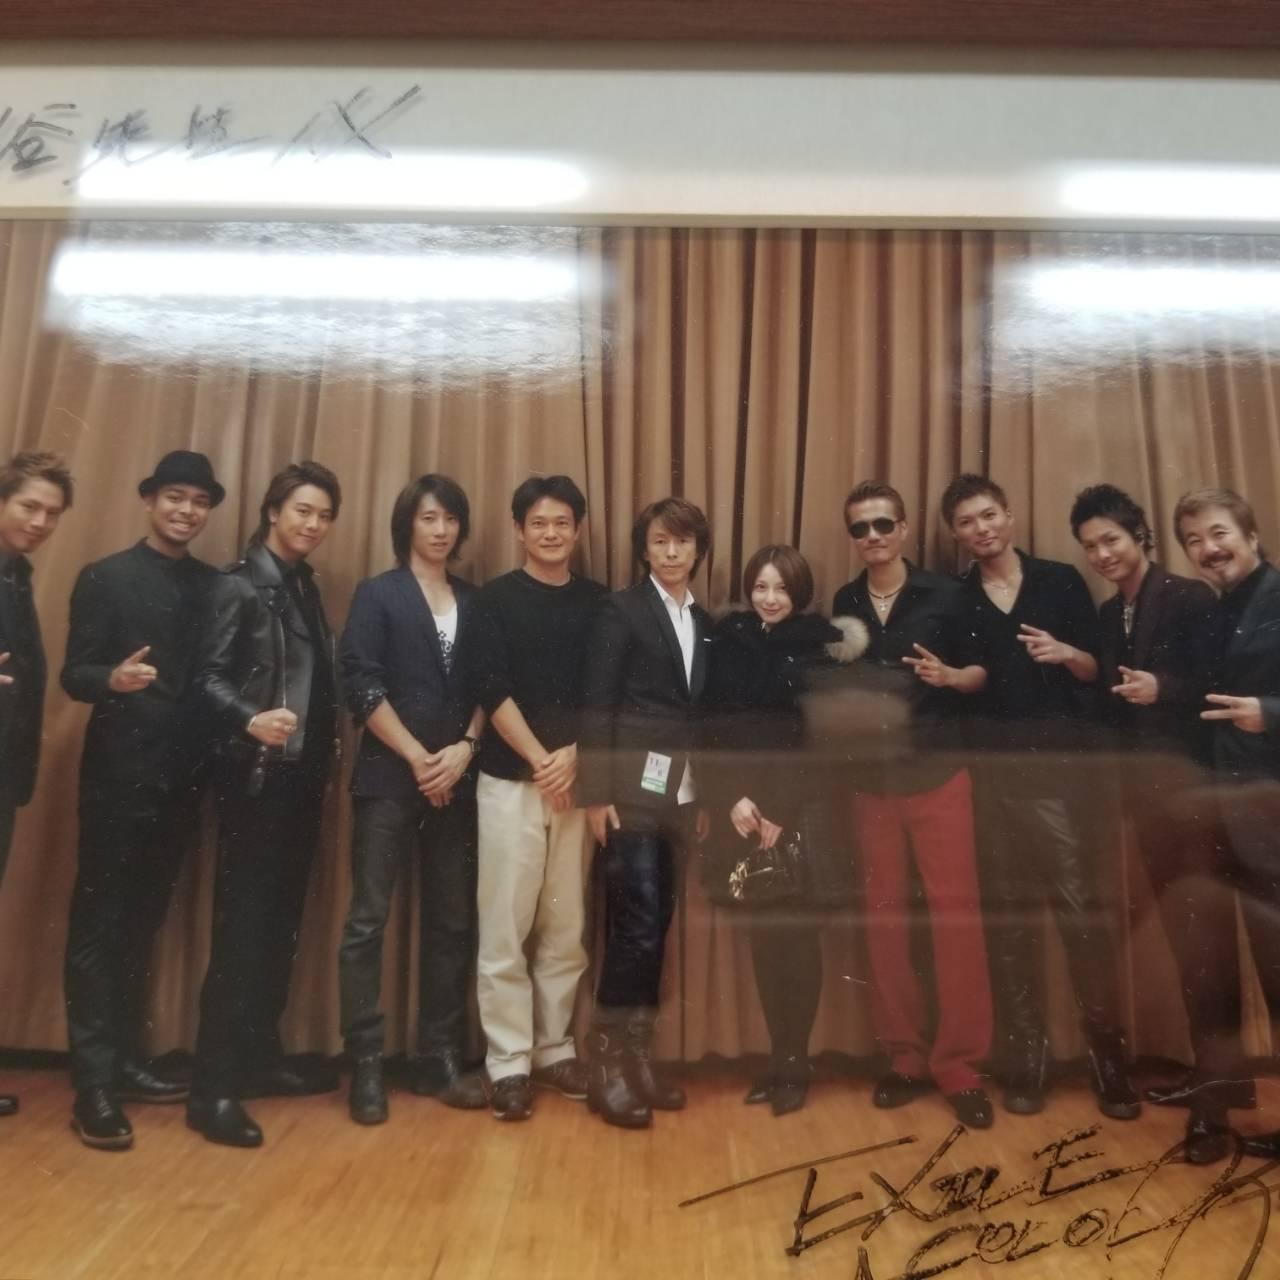 エグザイルのメンバーと長谷先生